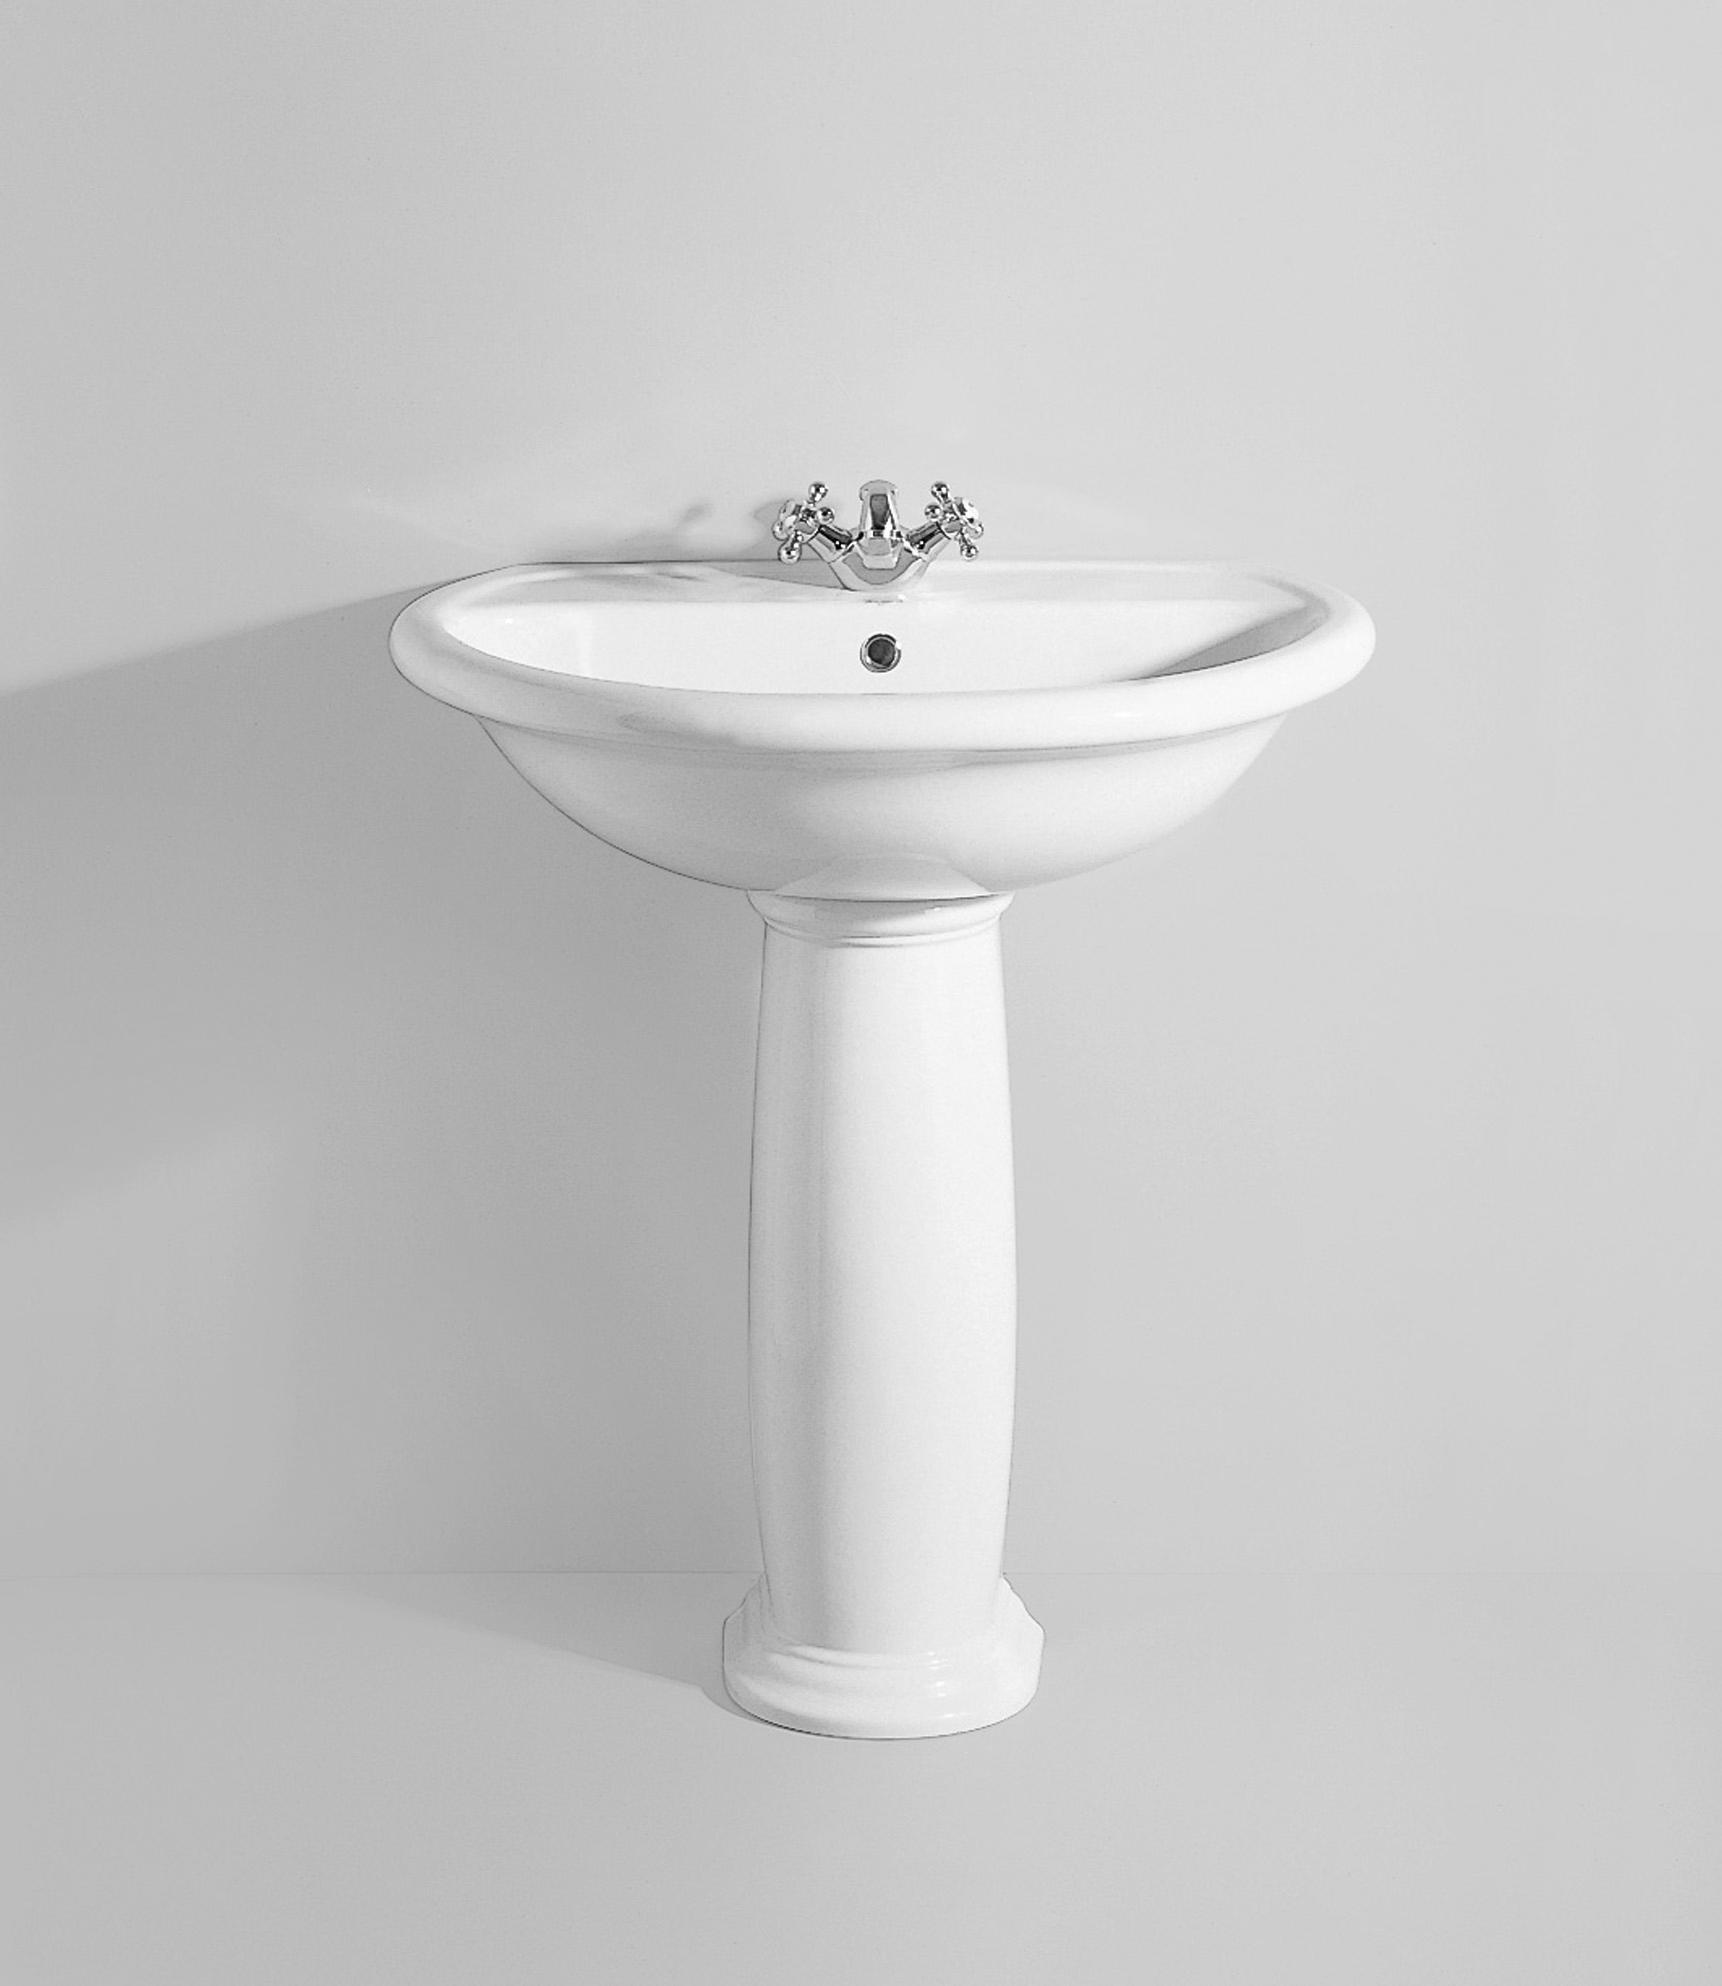 lavabo blanc mat id e inspirante pour la conception de la maison. Black Bedroom Furniture Sets. Home Design Ideas